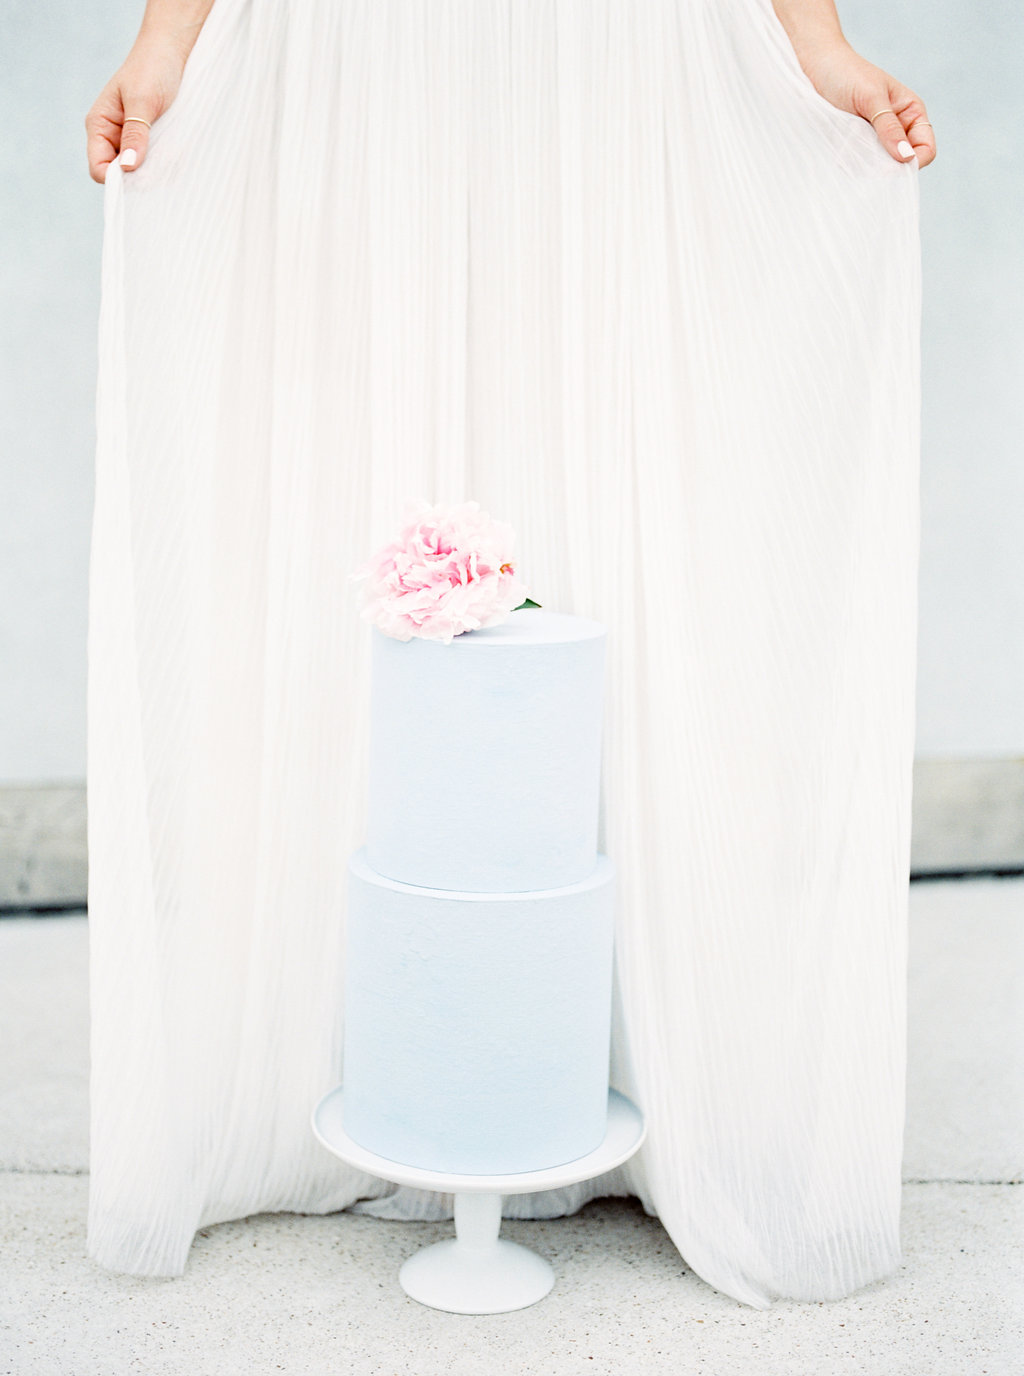 blue wedding cakes - photo by Awake Photography http://ruffledblog.com/sweet-peony-bridal-inspiration